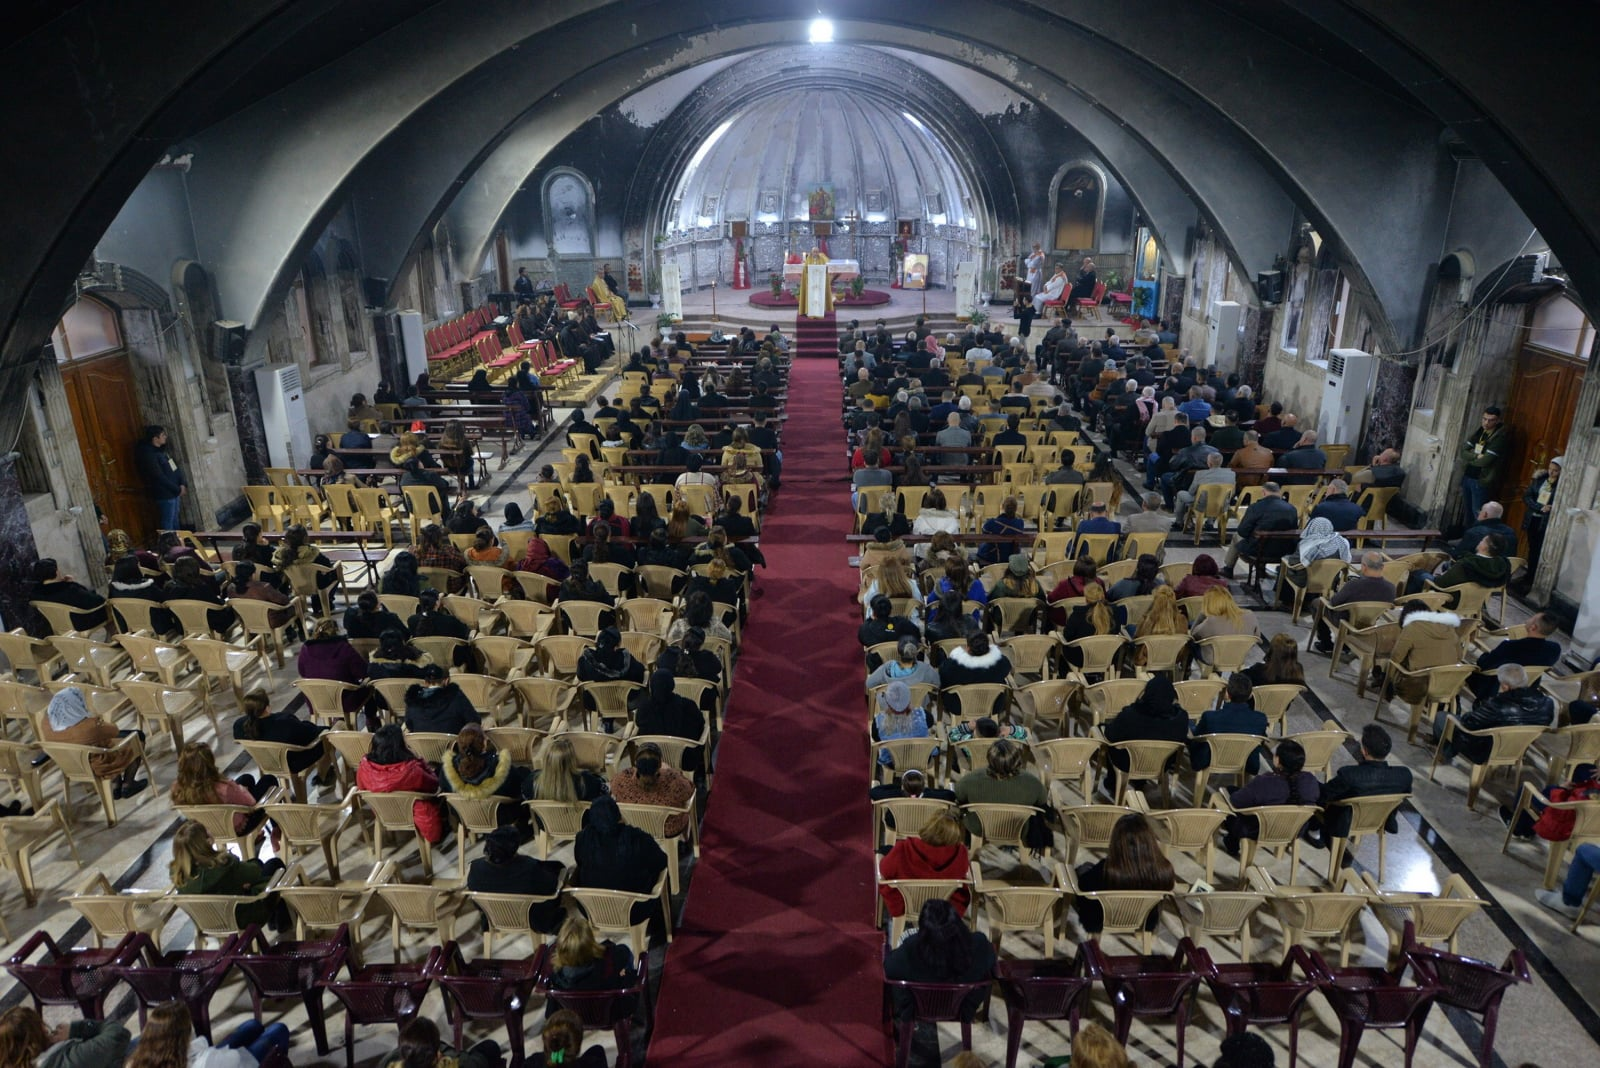 Msza Bożonarodzeniowa w Mosulu, Irak Fot. PAP/EPA/MURTAJA LATEEF